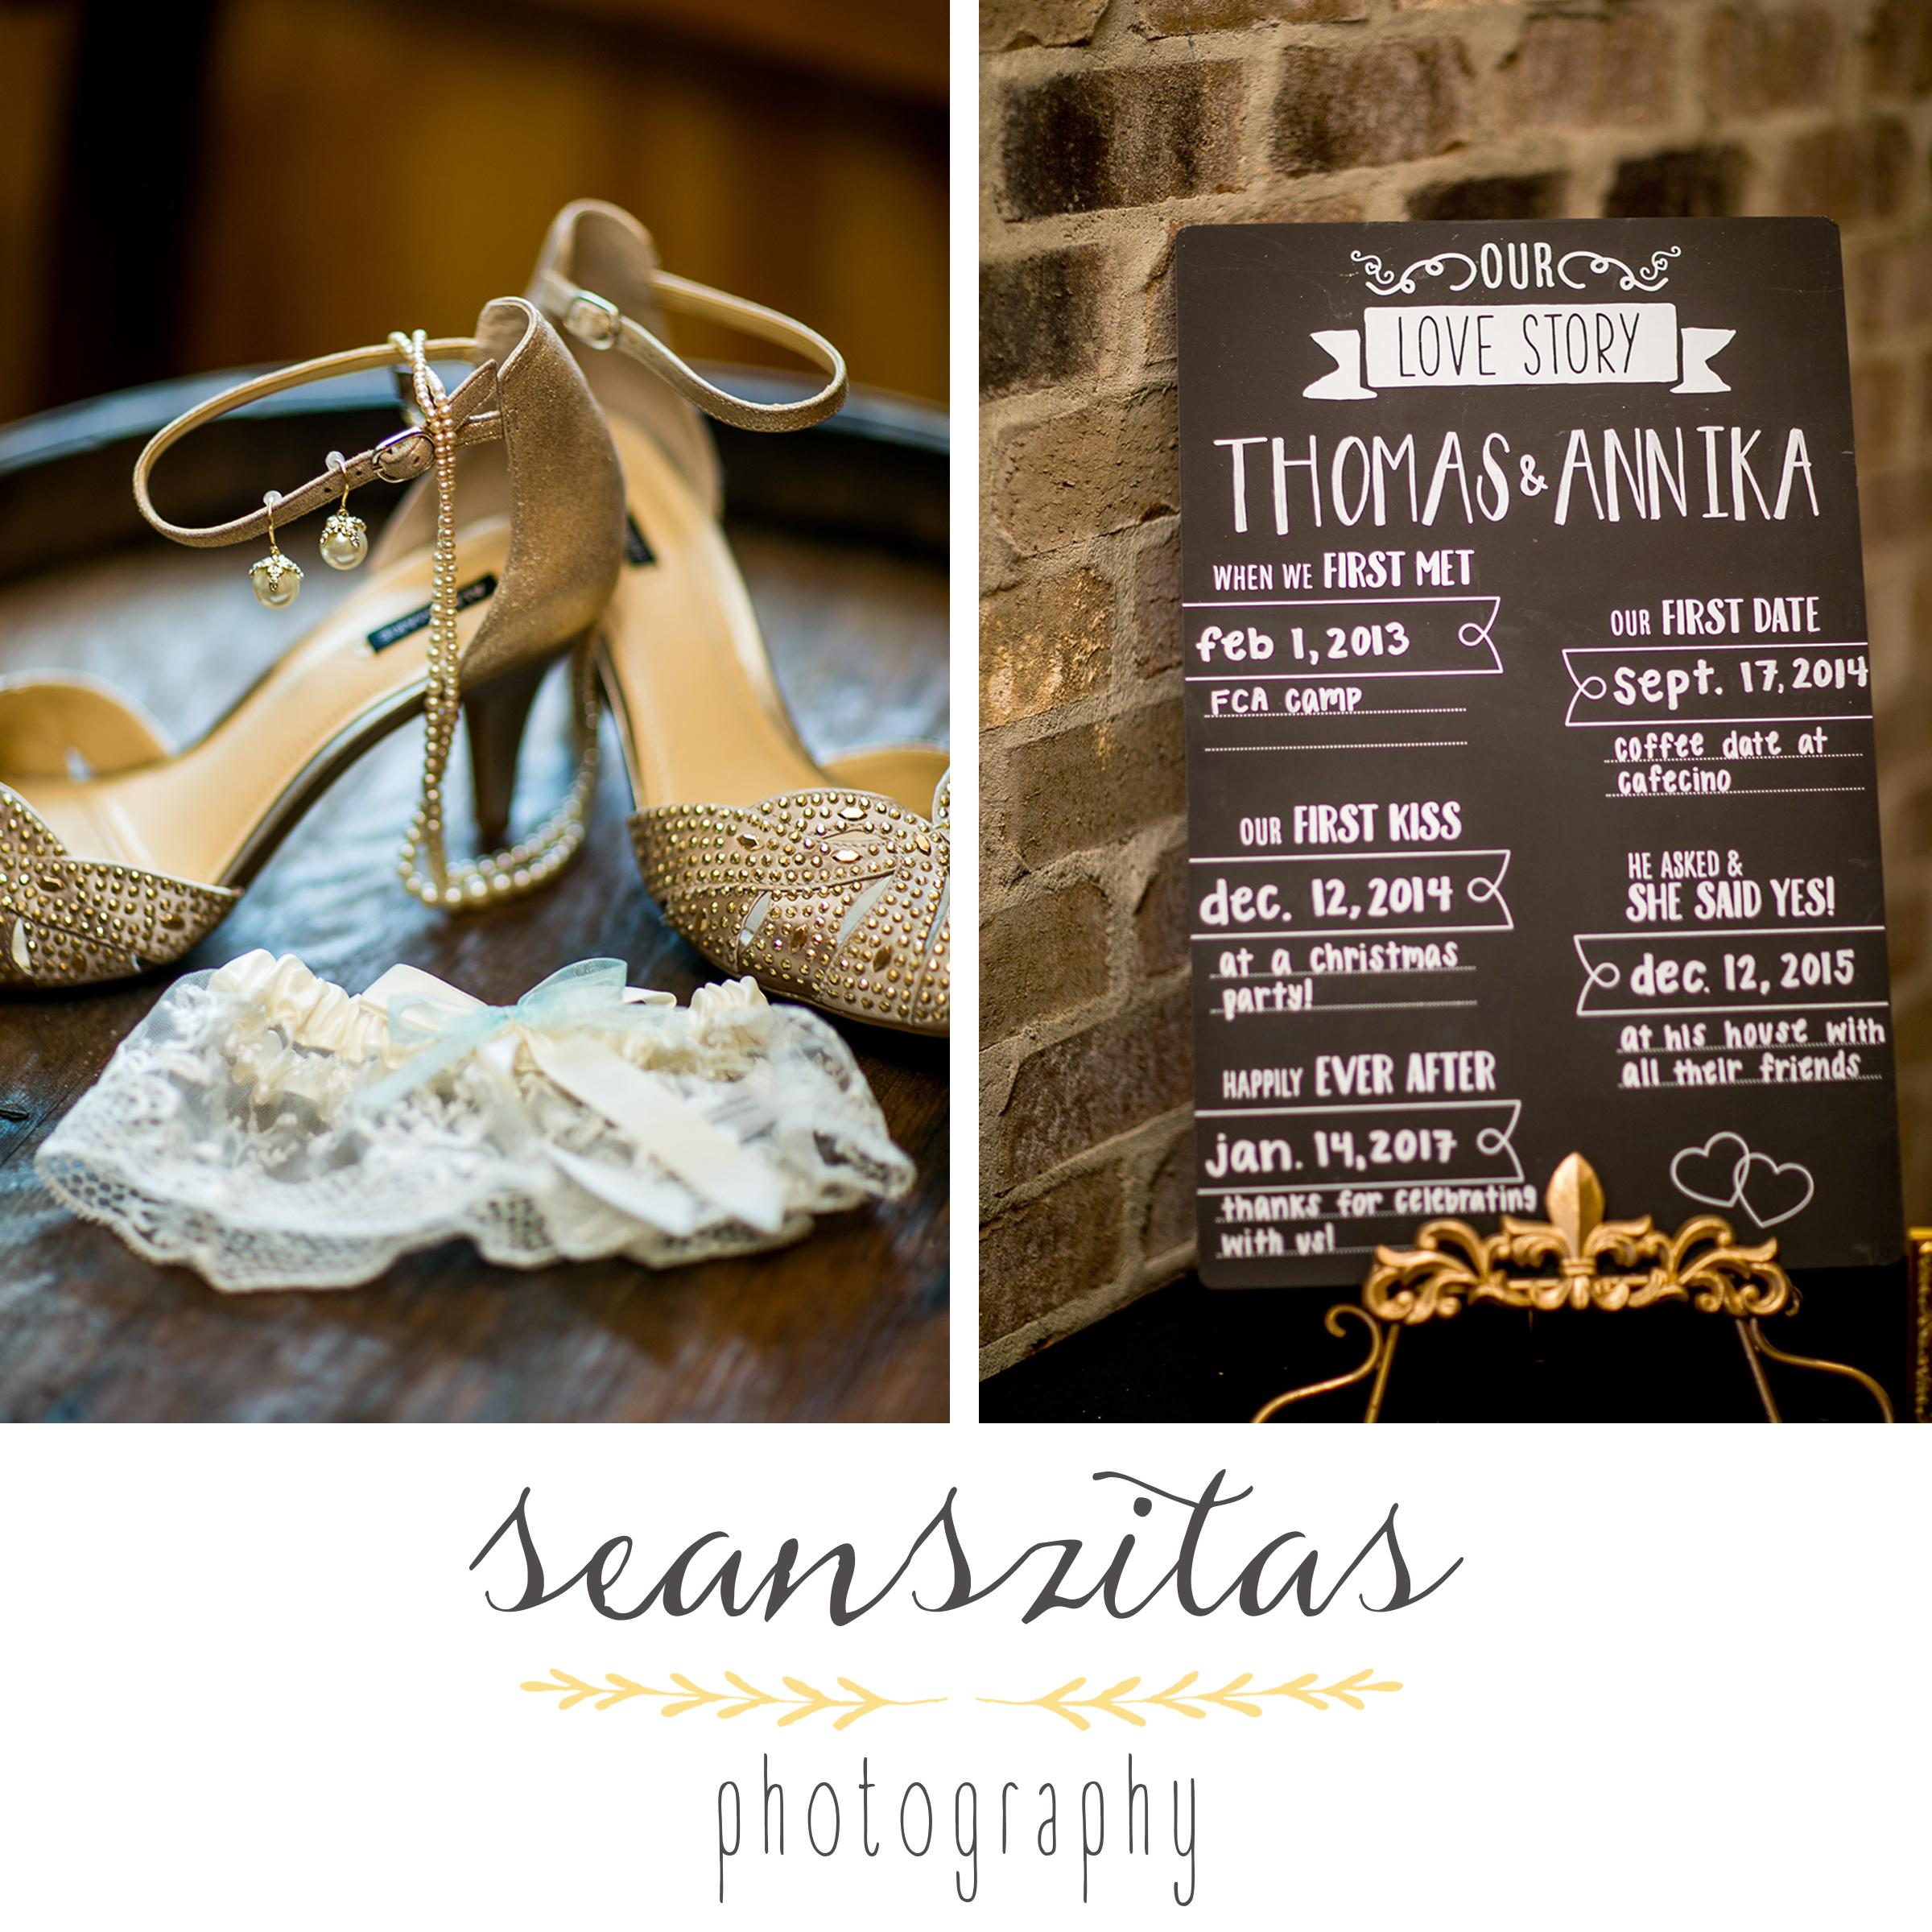 AnnikiaThomas_wedding_blog_001